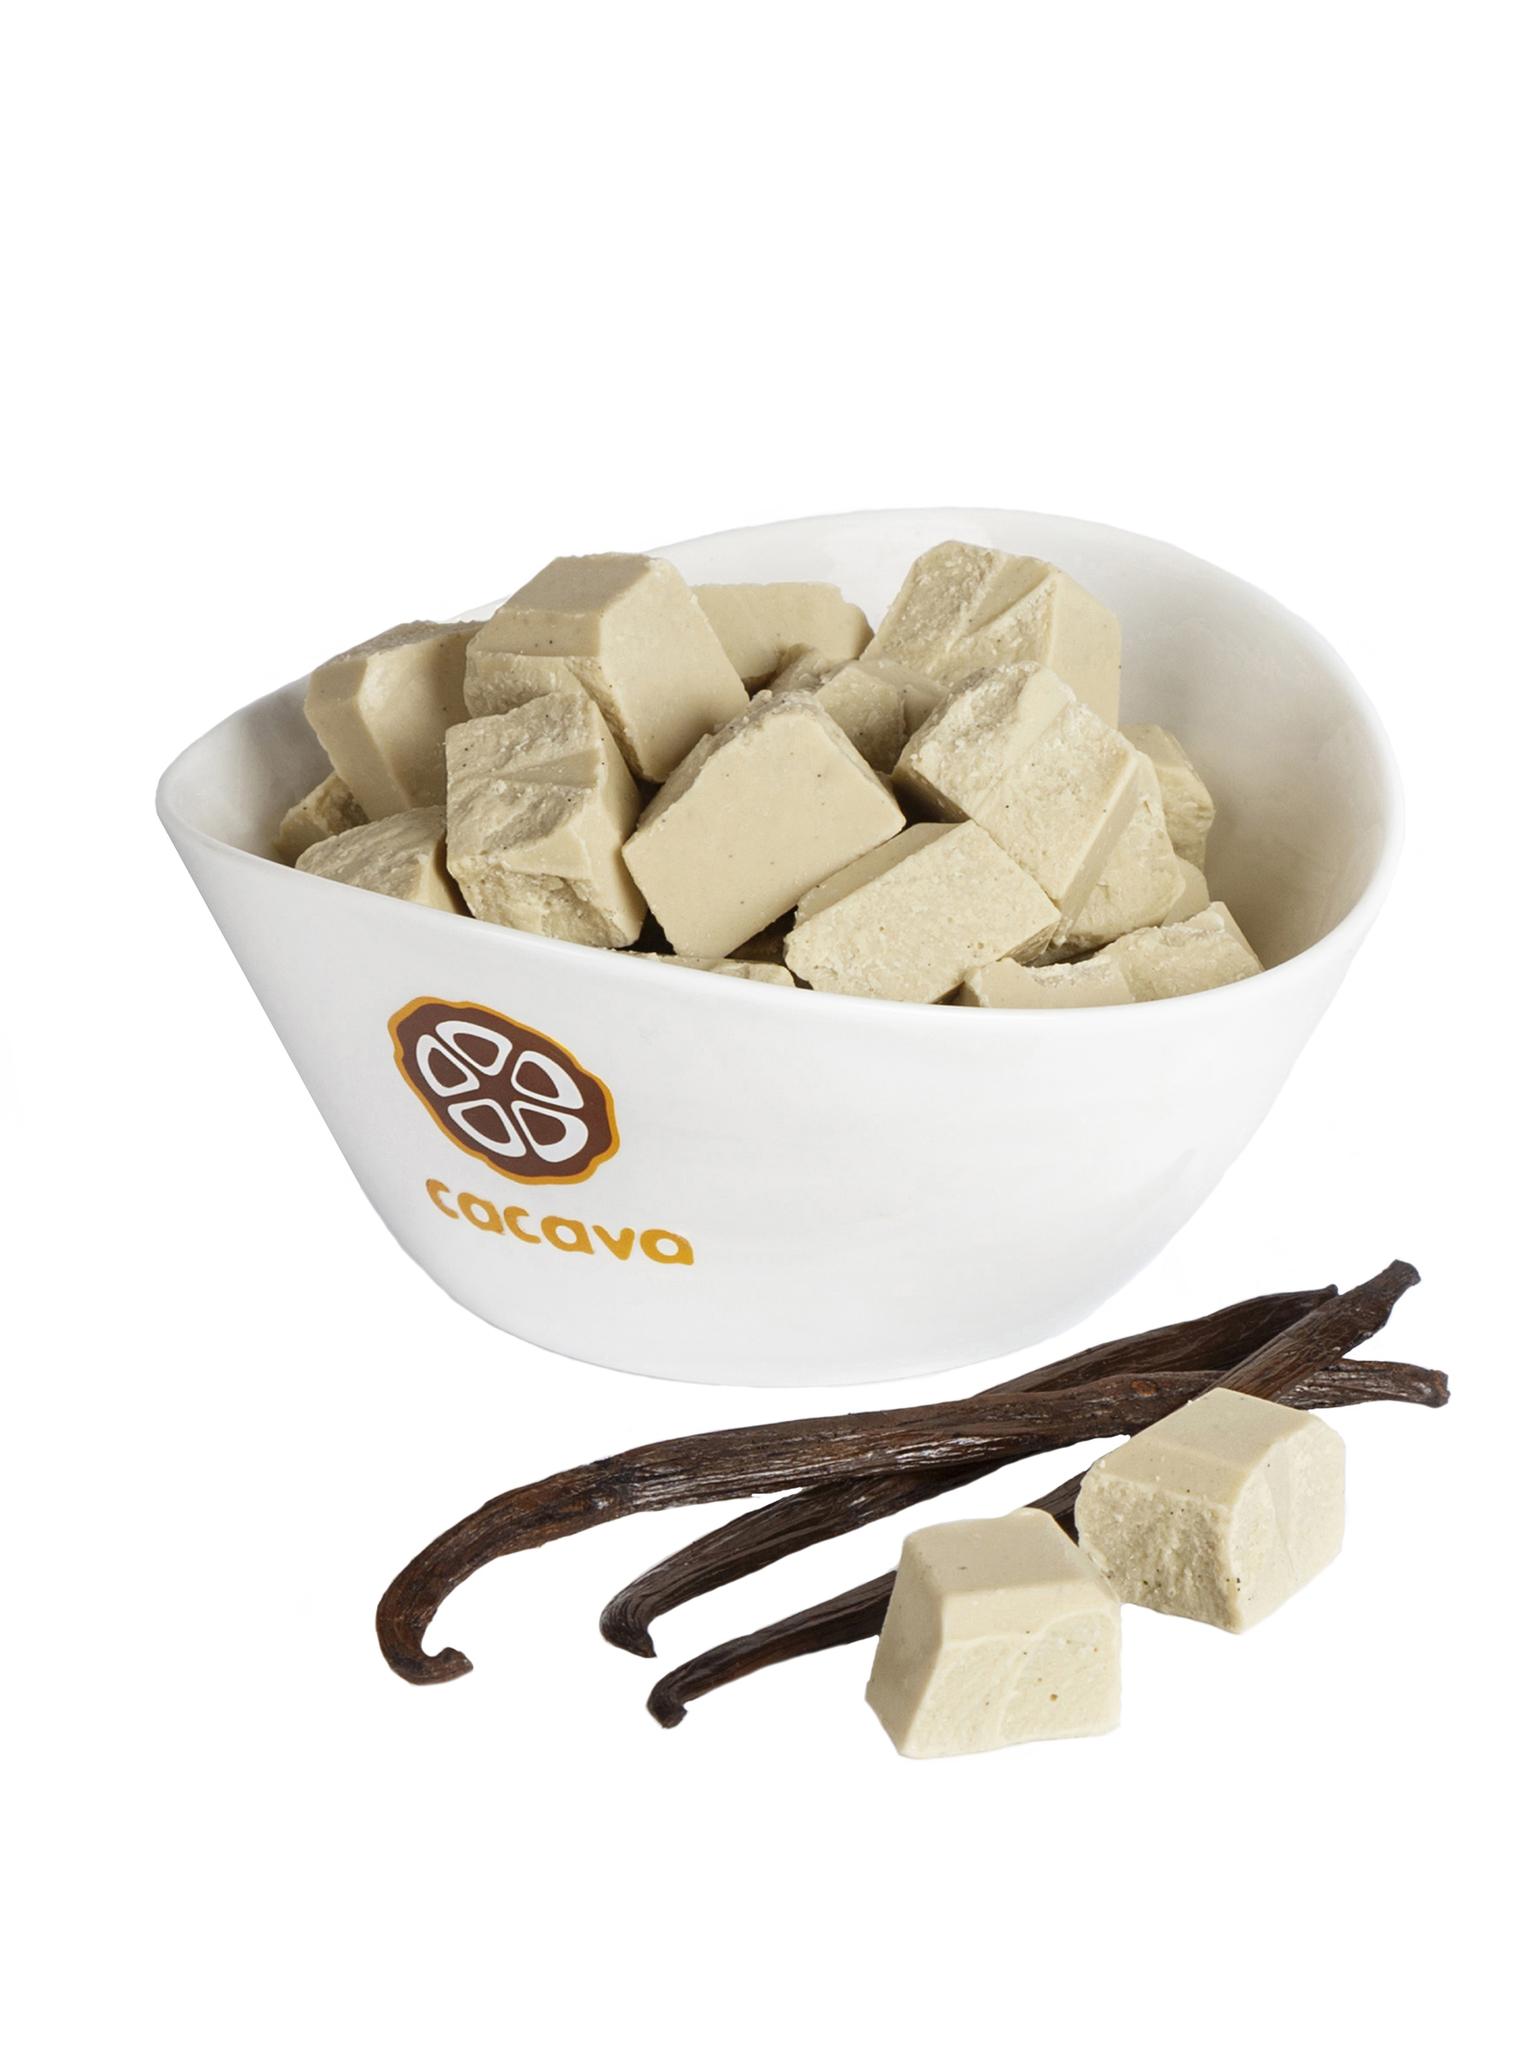 Белый шоколад с мадагаскарской ванилью, внешний вид